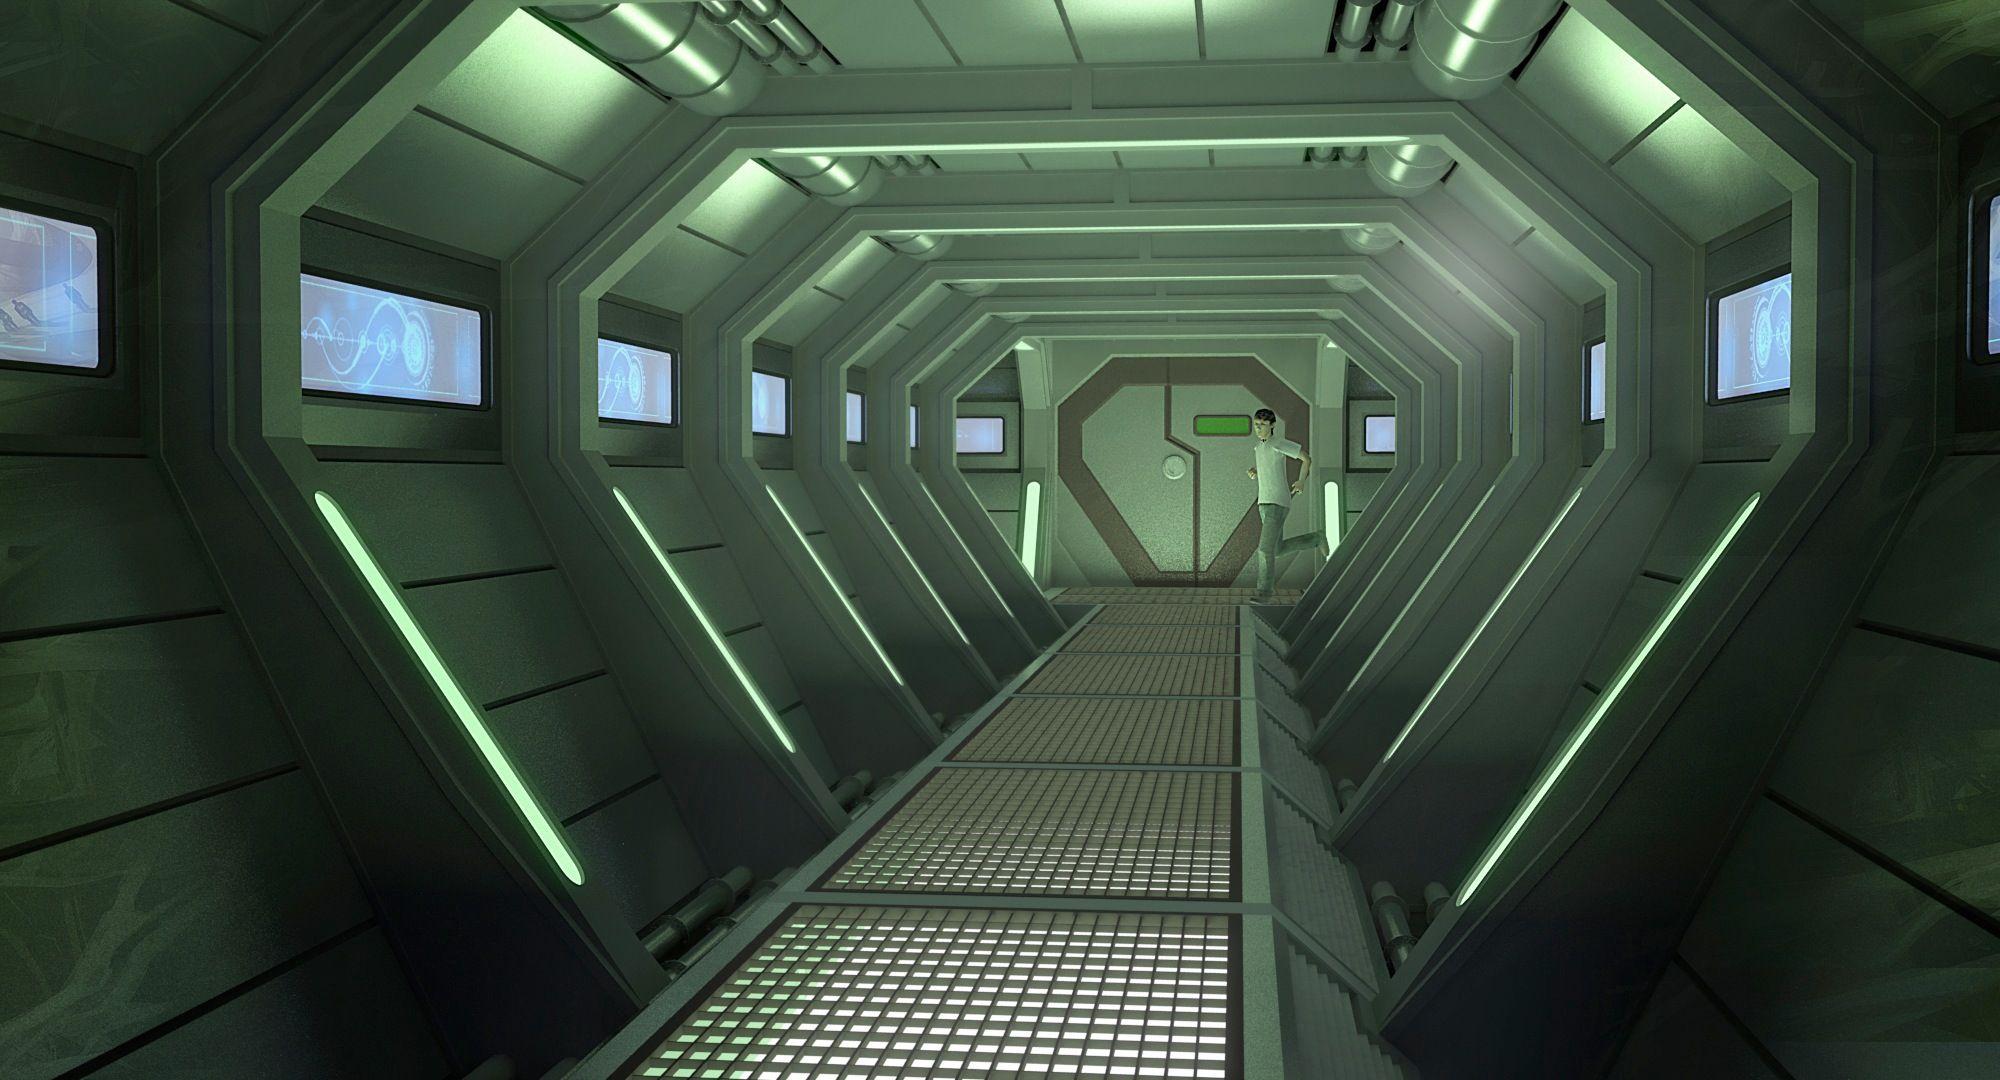 alien inside ship - HD2000×1080